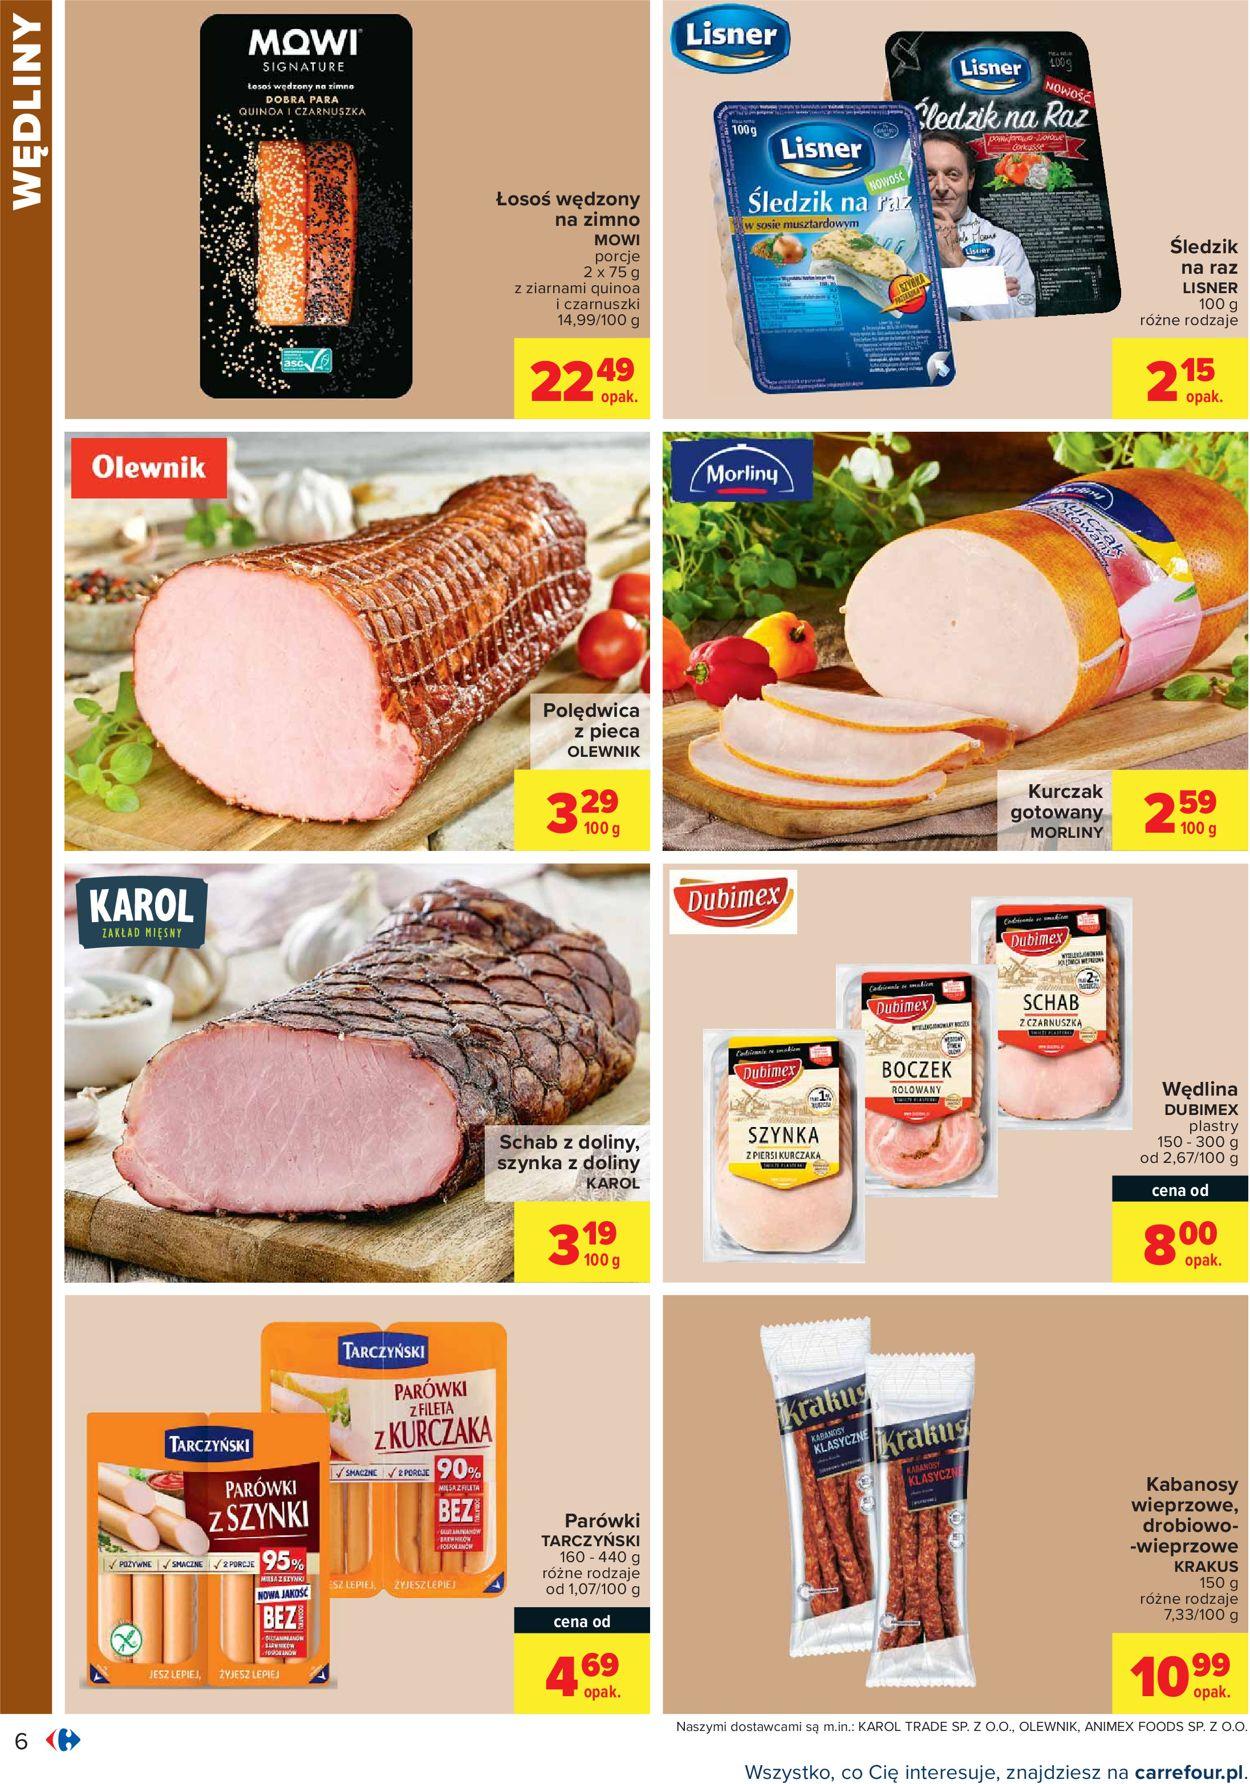 Gazetka promocyjna Carrefour - 13.07-24.07.2021 (Strona 6)